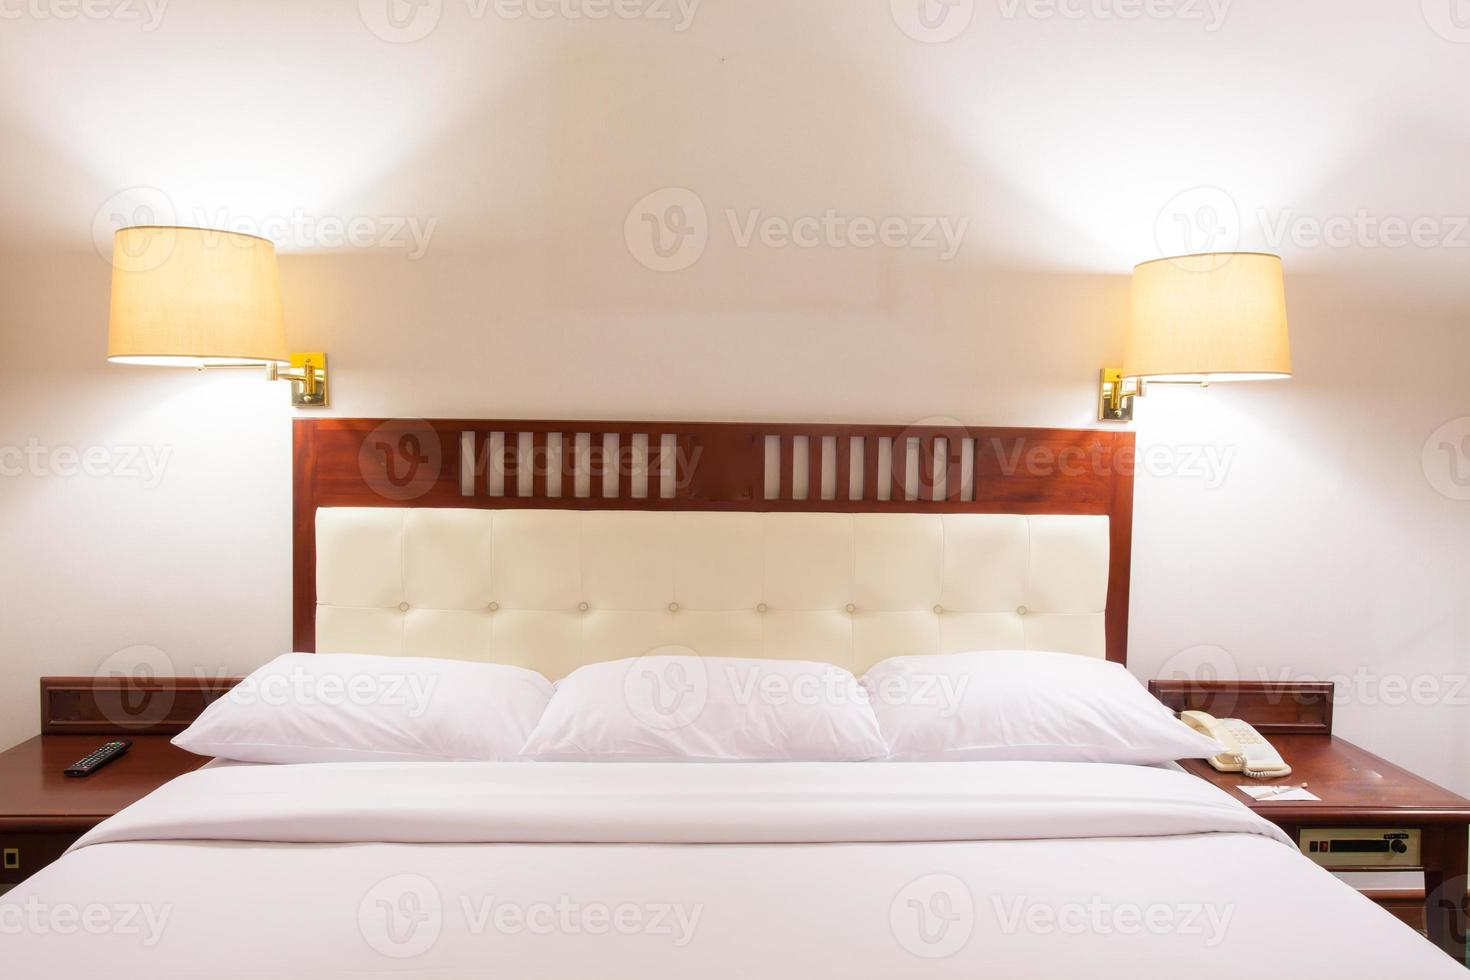 hotelbed met bedlampen foto